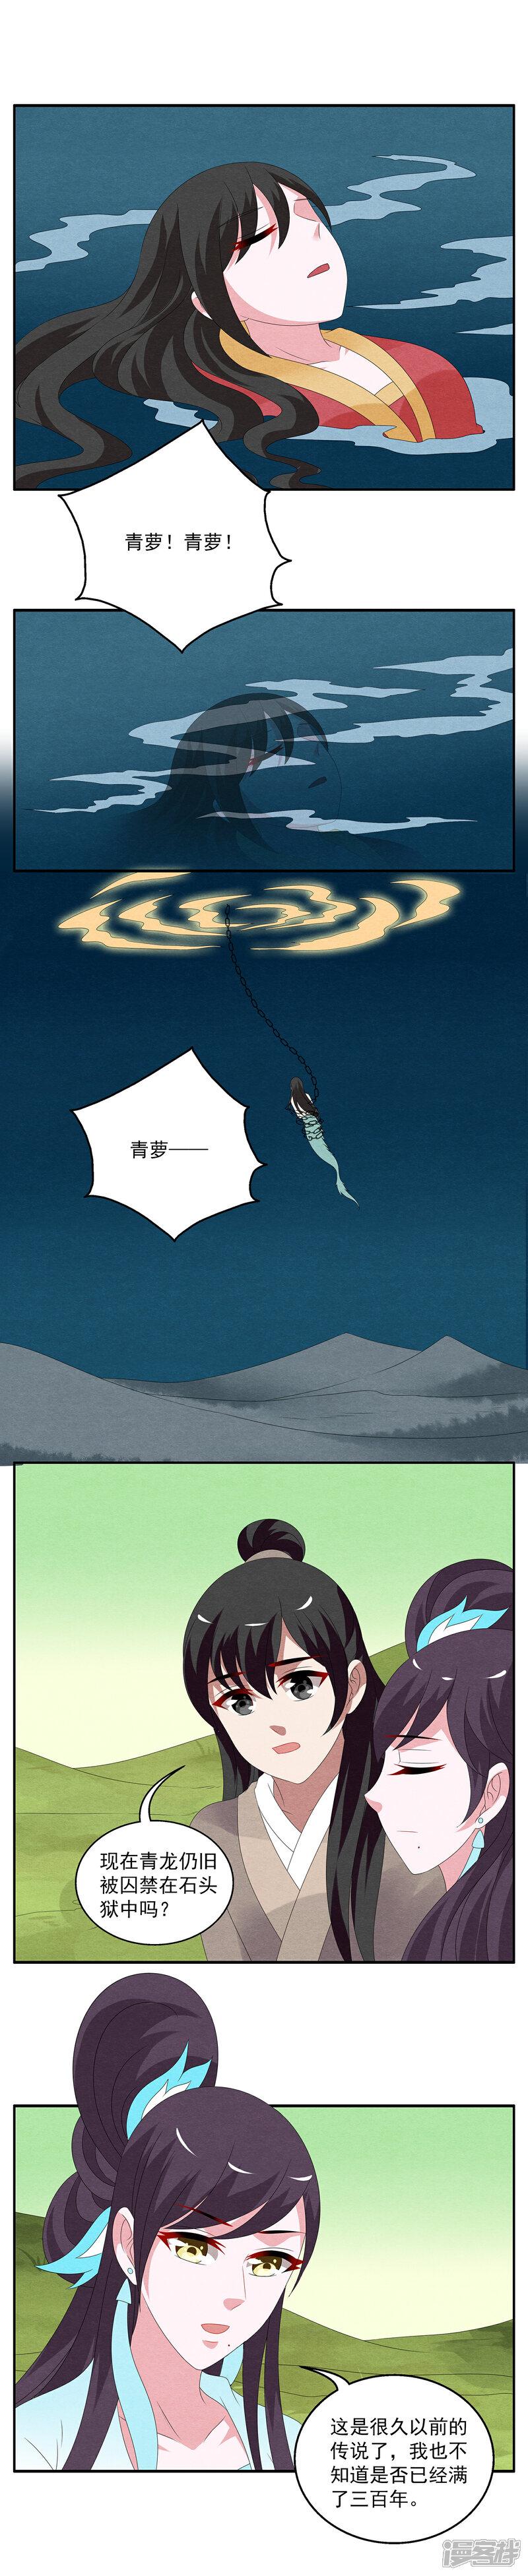 洛小妖118 (7).JPG